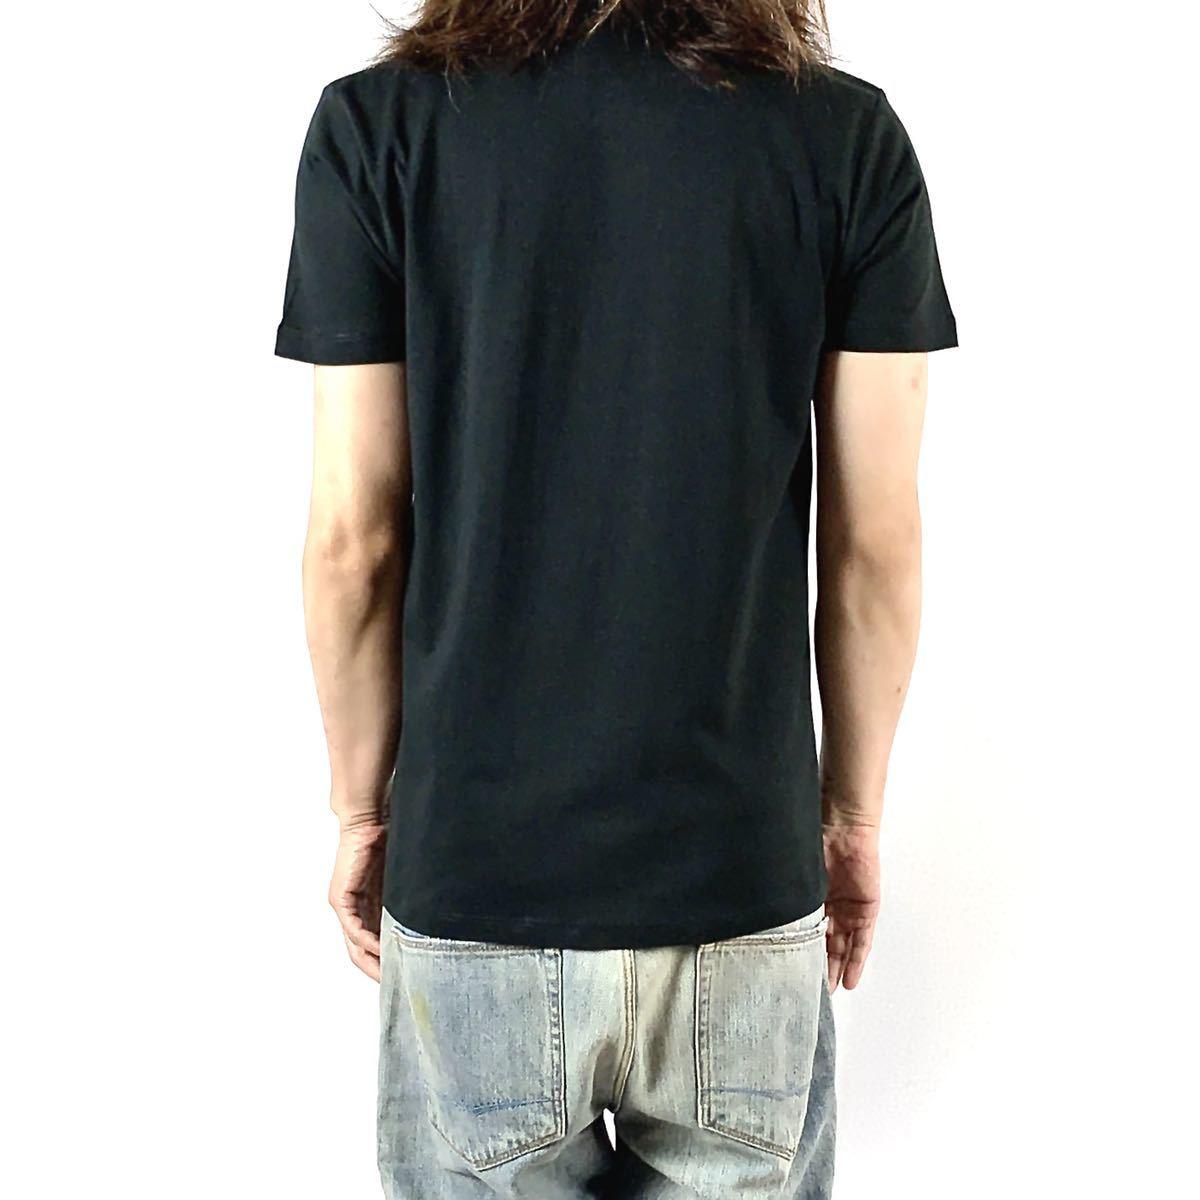 新品 ブライアンセッツァー カラフル ポップ アート ロカビリー バンド 黒 Tシャツ S M L XL ビッグ オーバー サイズ XXL~5XL ロンT 対応_画像4